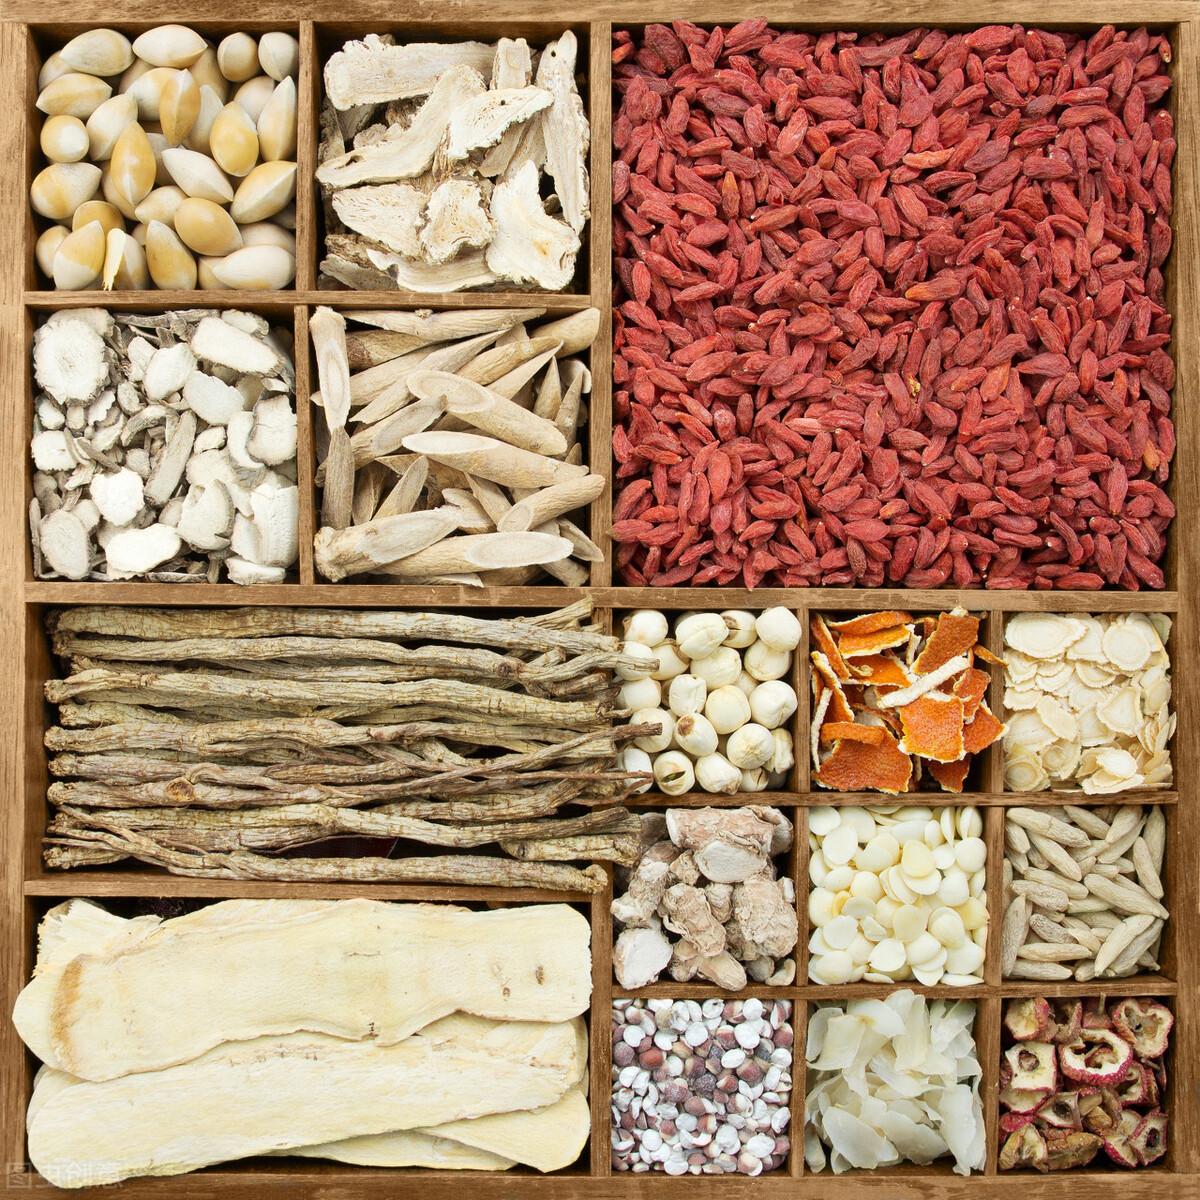 中藥材的包裝材料有什么特殊要求嗎?